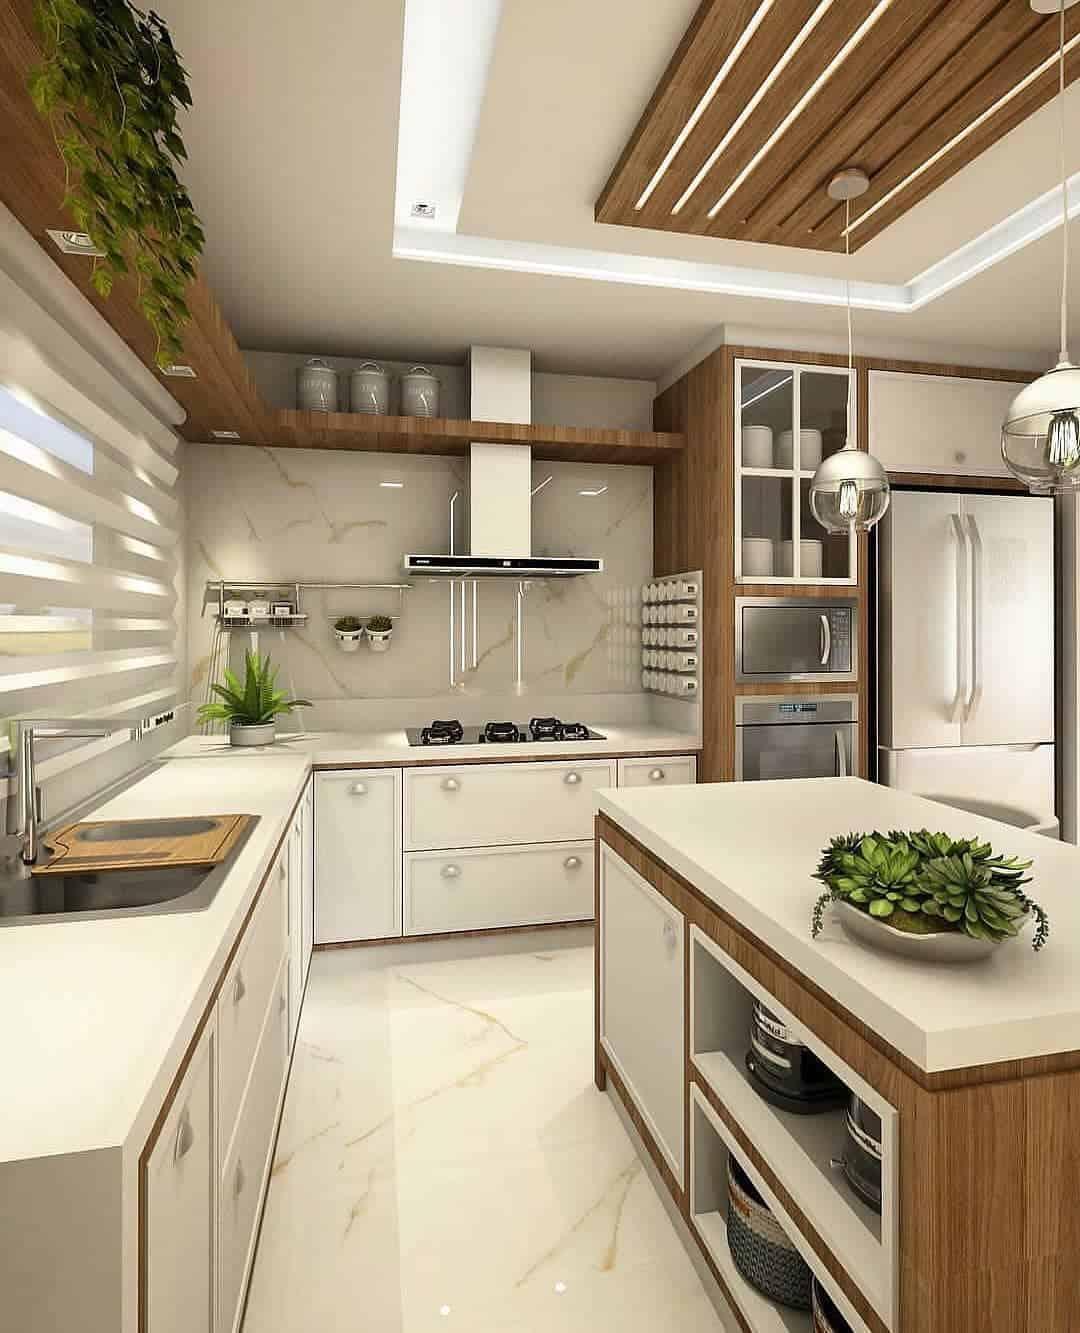 Modern Kitchens 2020: Cottage Style Kitchen Ideas (35 Photos) on Model Kitchen Ideas  id=97880